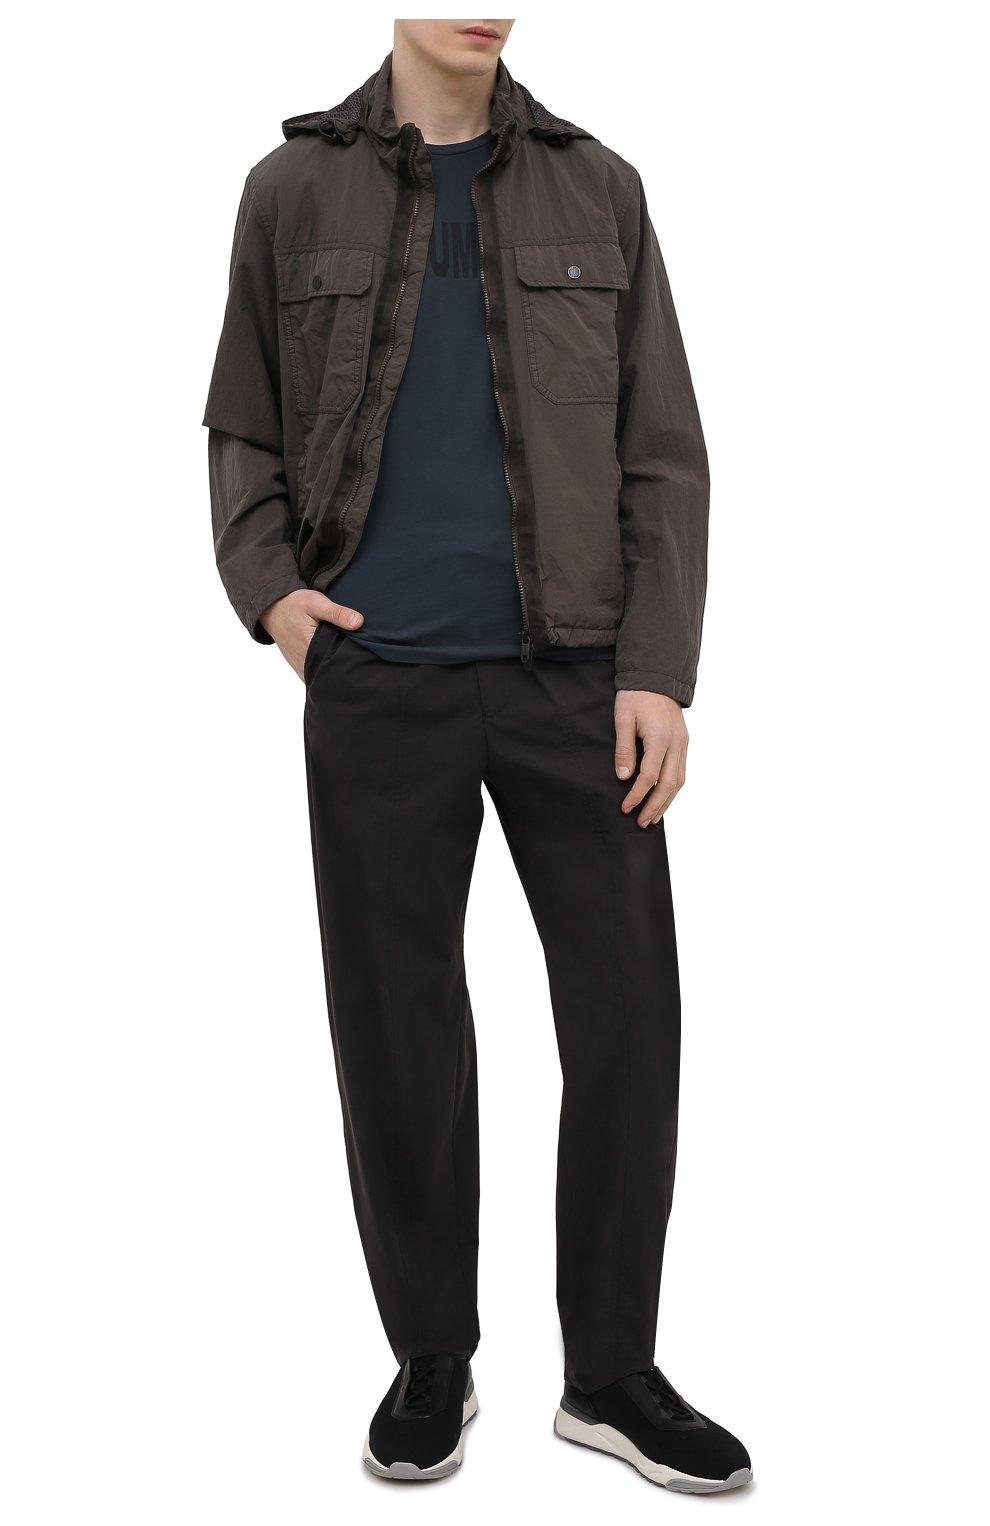 Мужские брюки EMPORIO ARMANI черного цвета, арт. A1P740/A1066   Фото 2 (Длина (брюки, джинсы): Стандартные; Случай: Повседневный; Материал внешний: Синтетический материал, Хлопок; Стили: Кэжуэл)